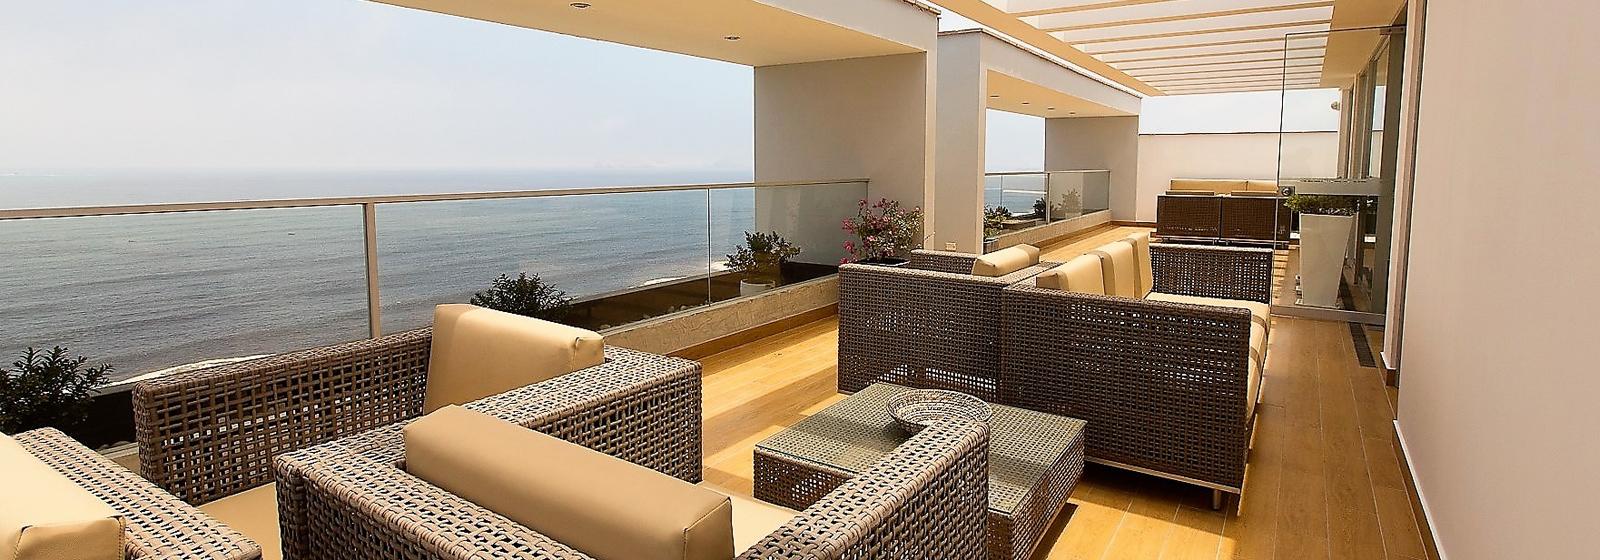 Vendo excelente duplex con vista al mar en San Miguel